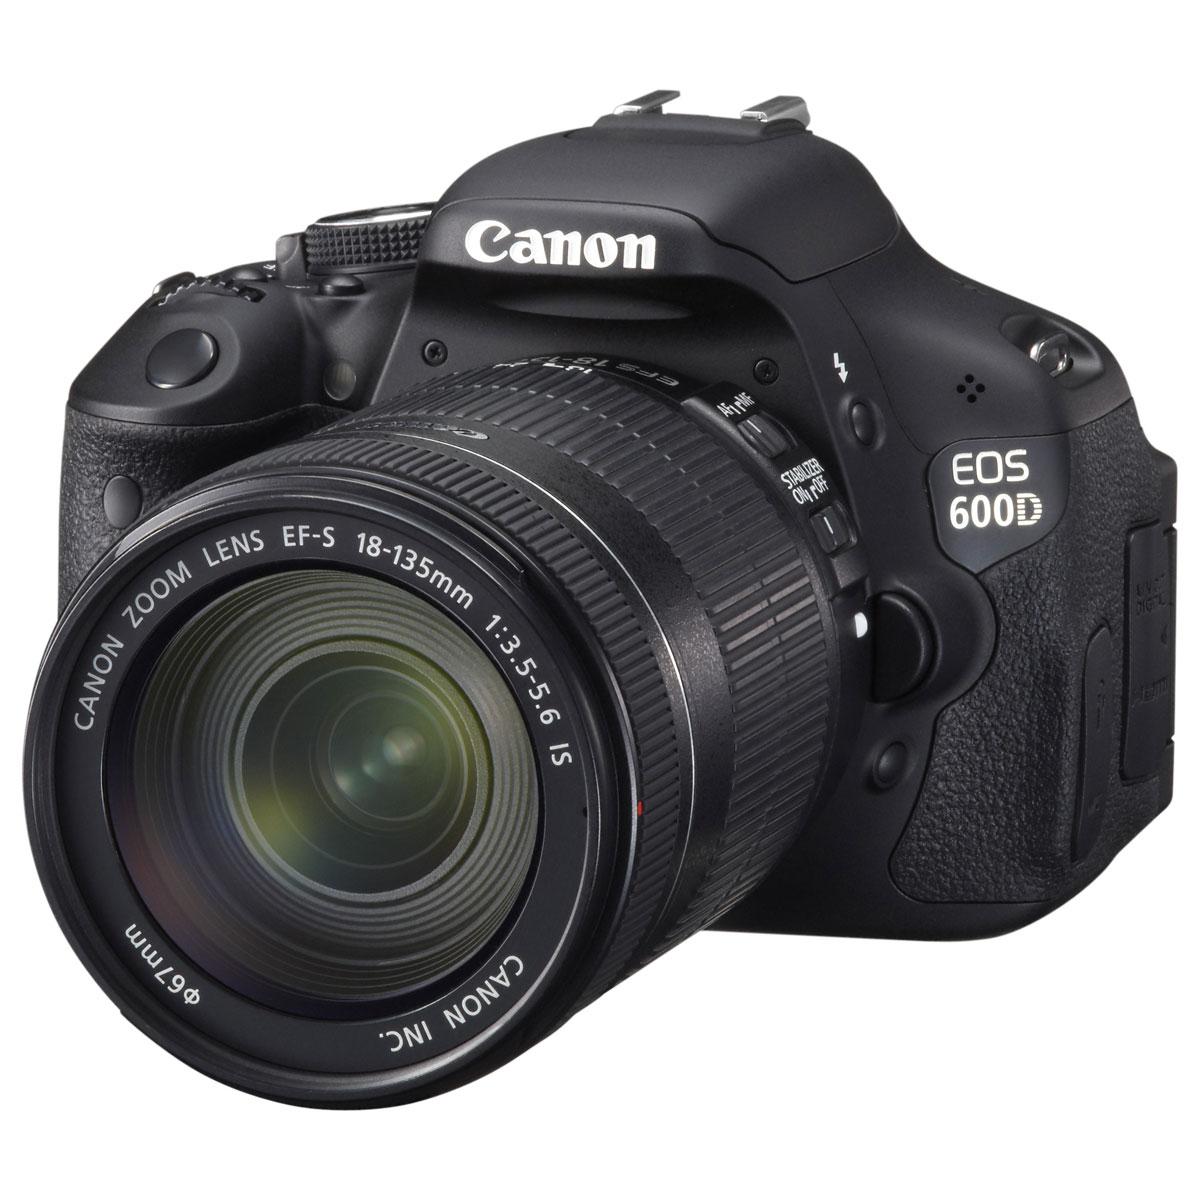 """Appareil photo Reflex Canon EOS 600D + Objectif EF-S 18-135mm f/3.5-5.6 IS Réflex Numérique 18 MP - Ecran 3"""" - Vidéo Full HD + Objectif EF-S 18-135mm f/3.5-5.6 IS"""